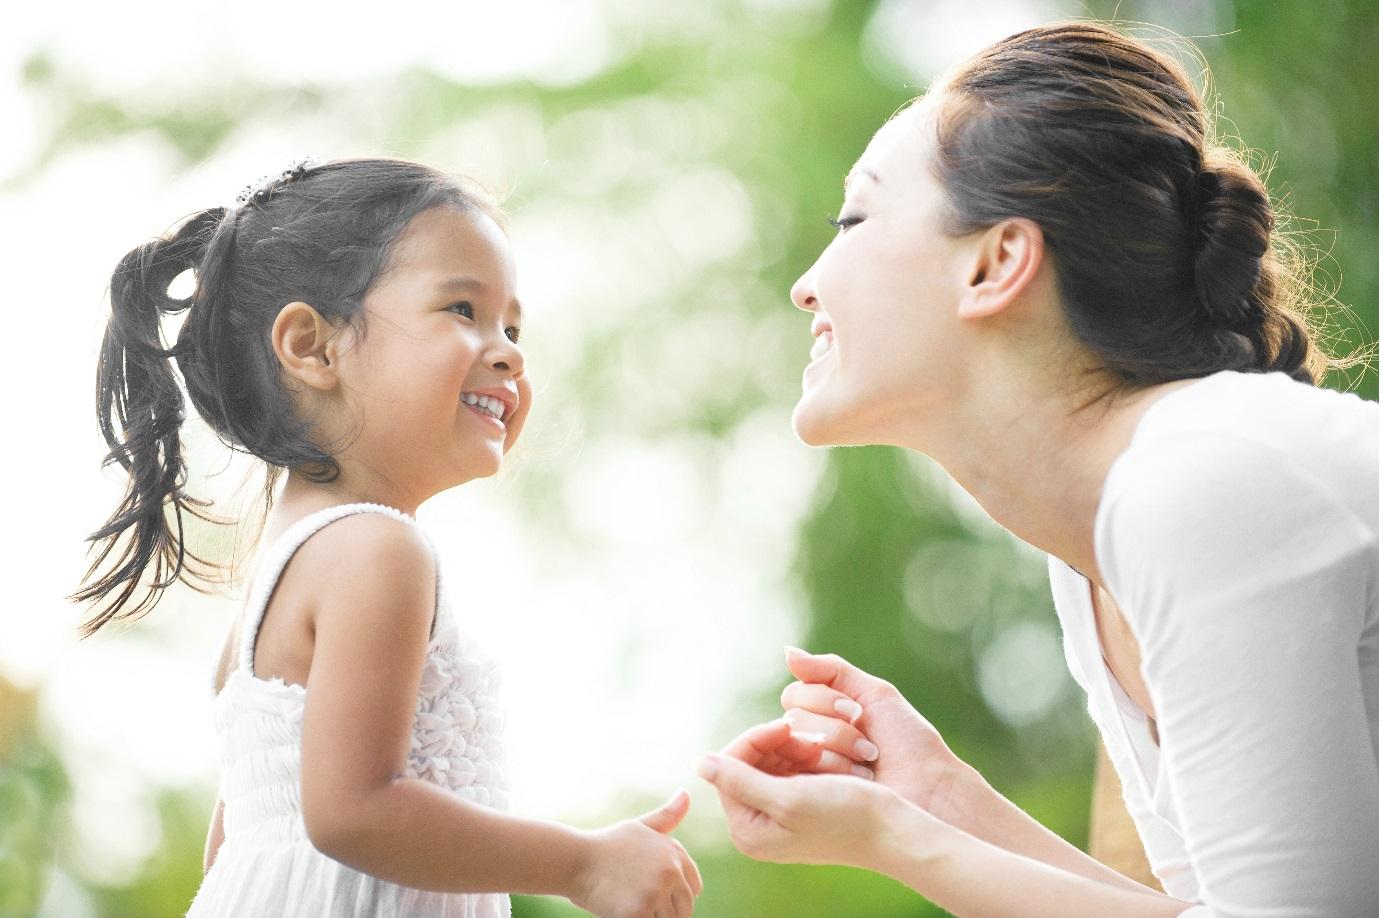 Gửi những người phụ nữ đang có ý định làm mẹ đơn thân - Ảnh 2